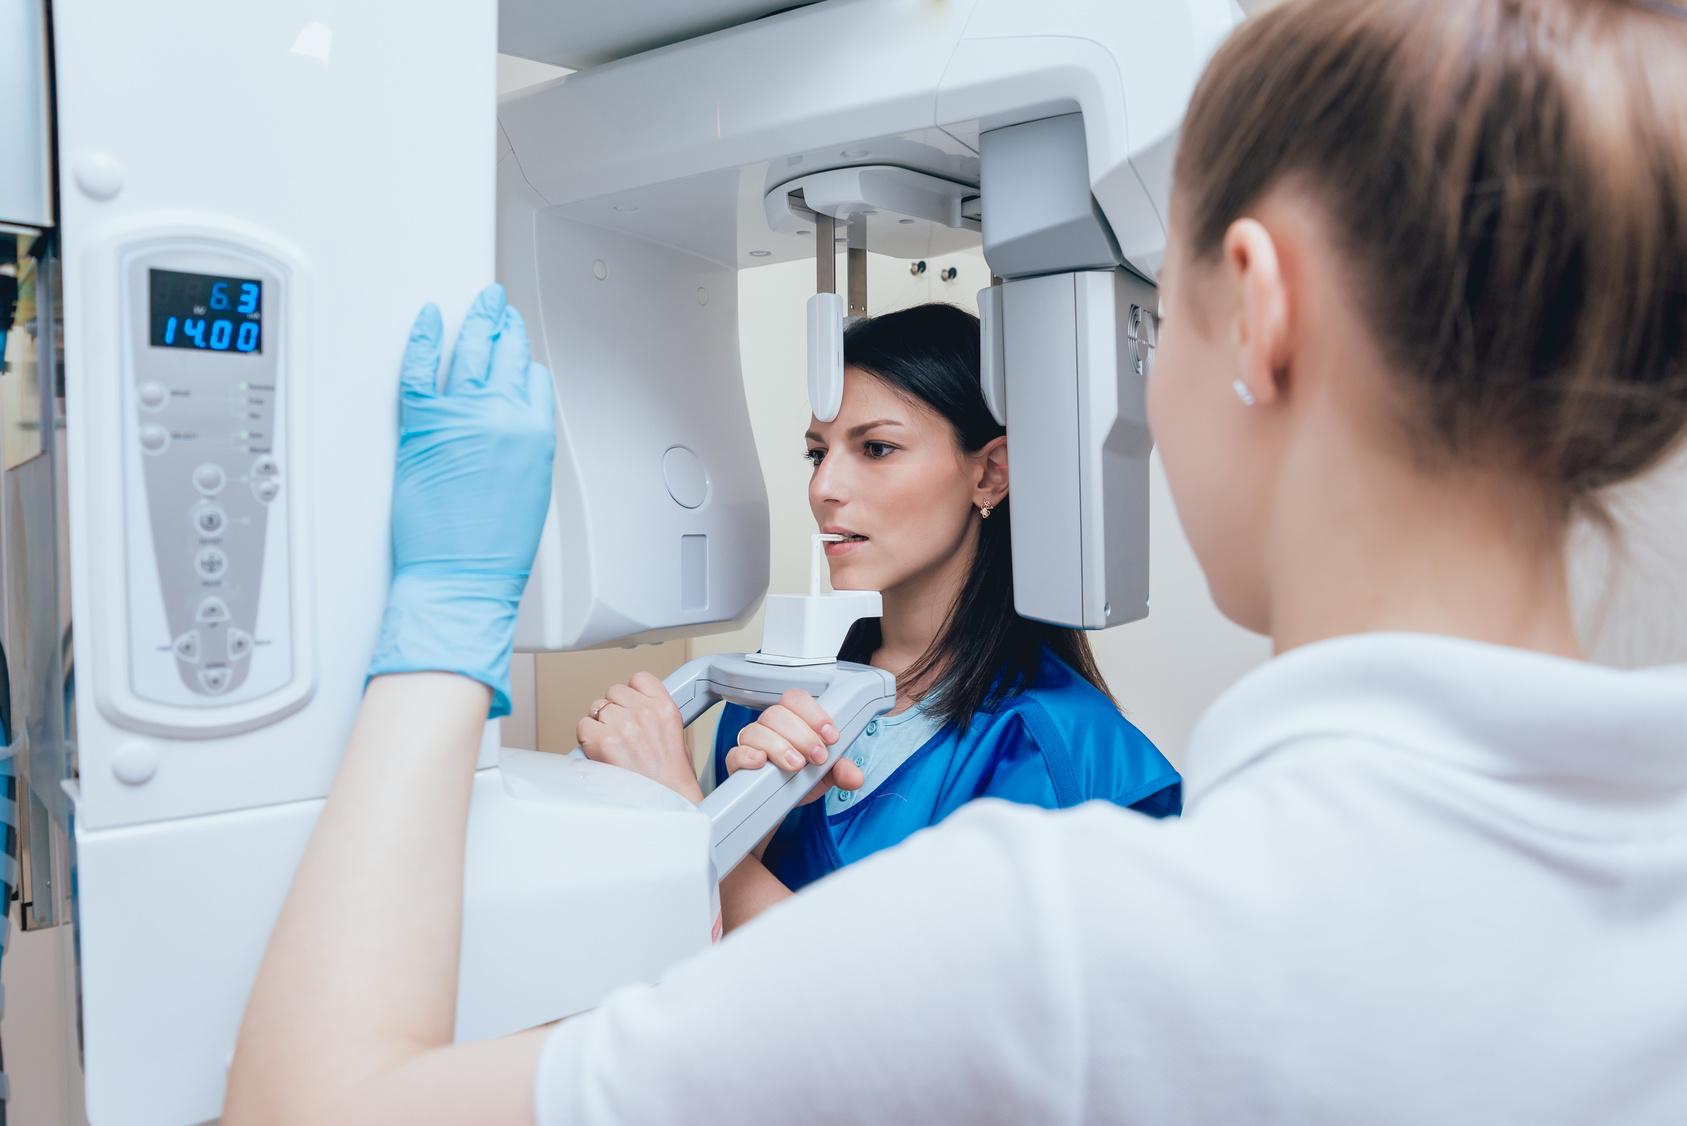 Zahnarzthelferin beim Röntgen